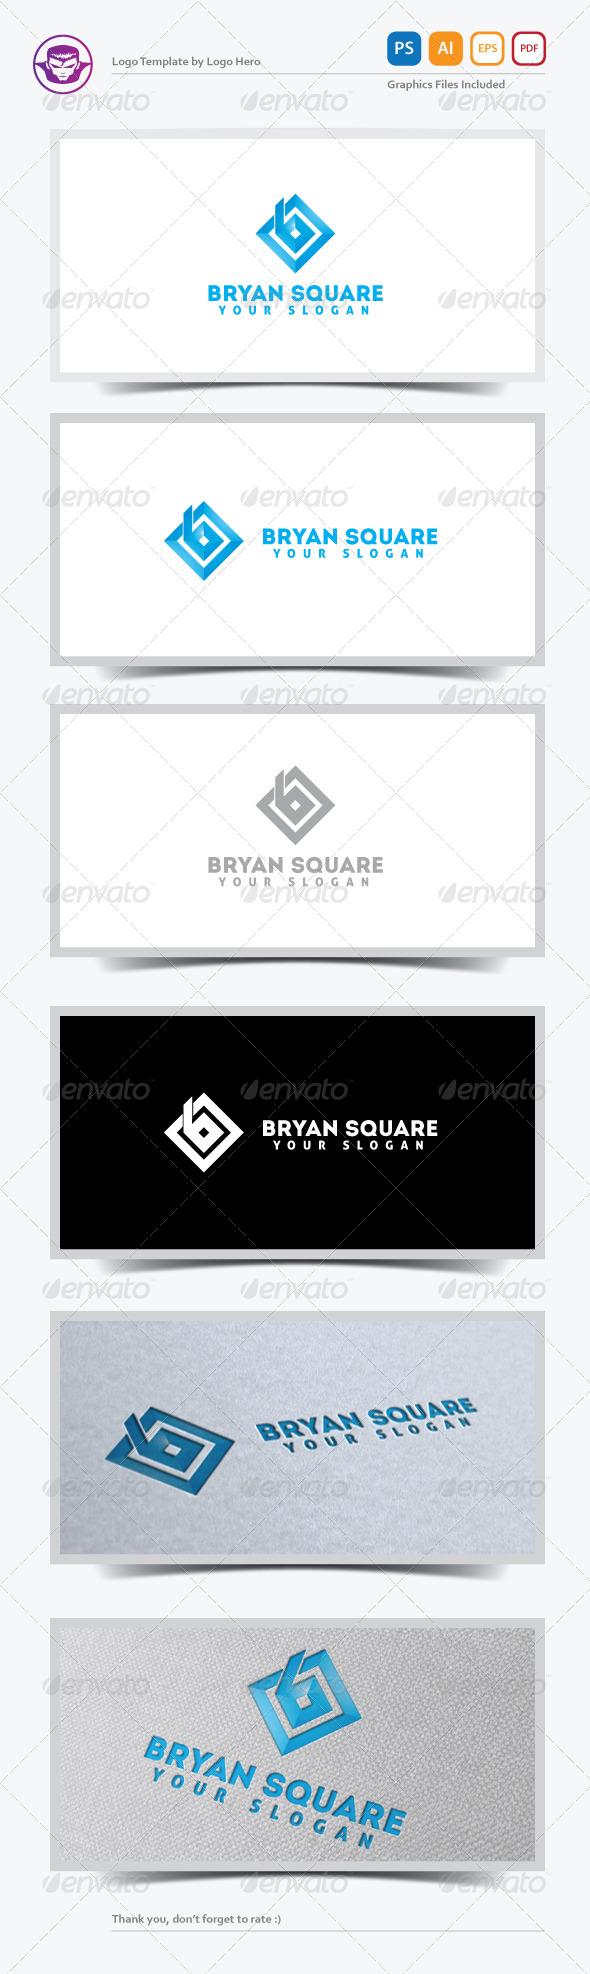 GraphicRiver Bryan Square Logo Template 5295537